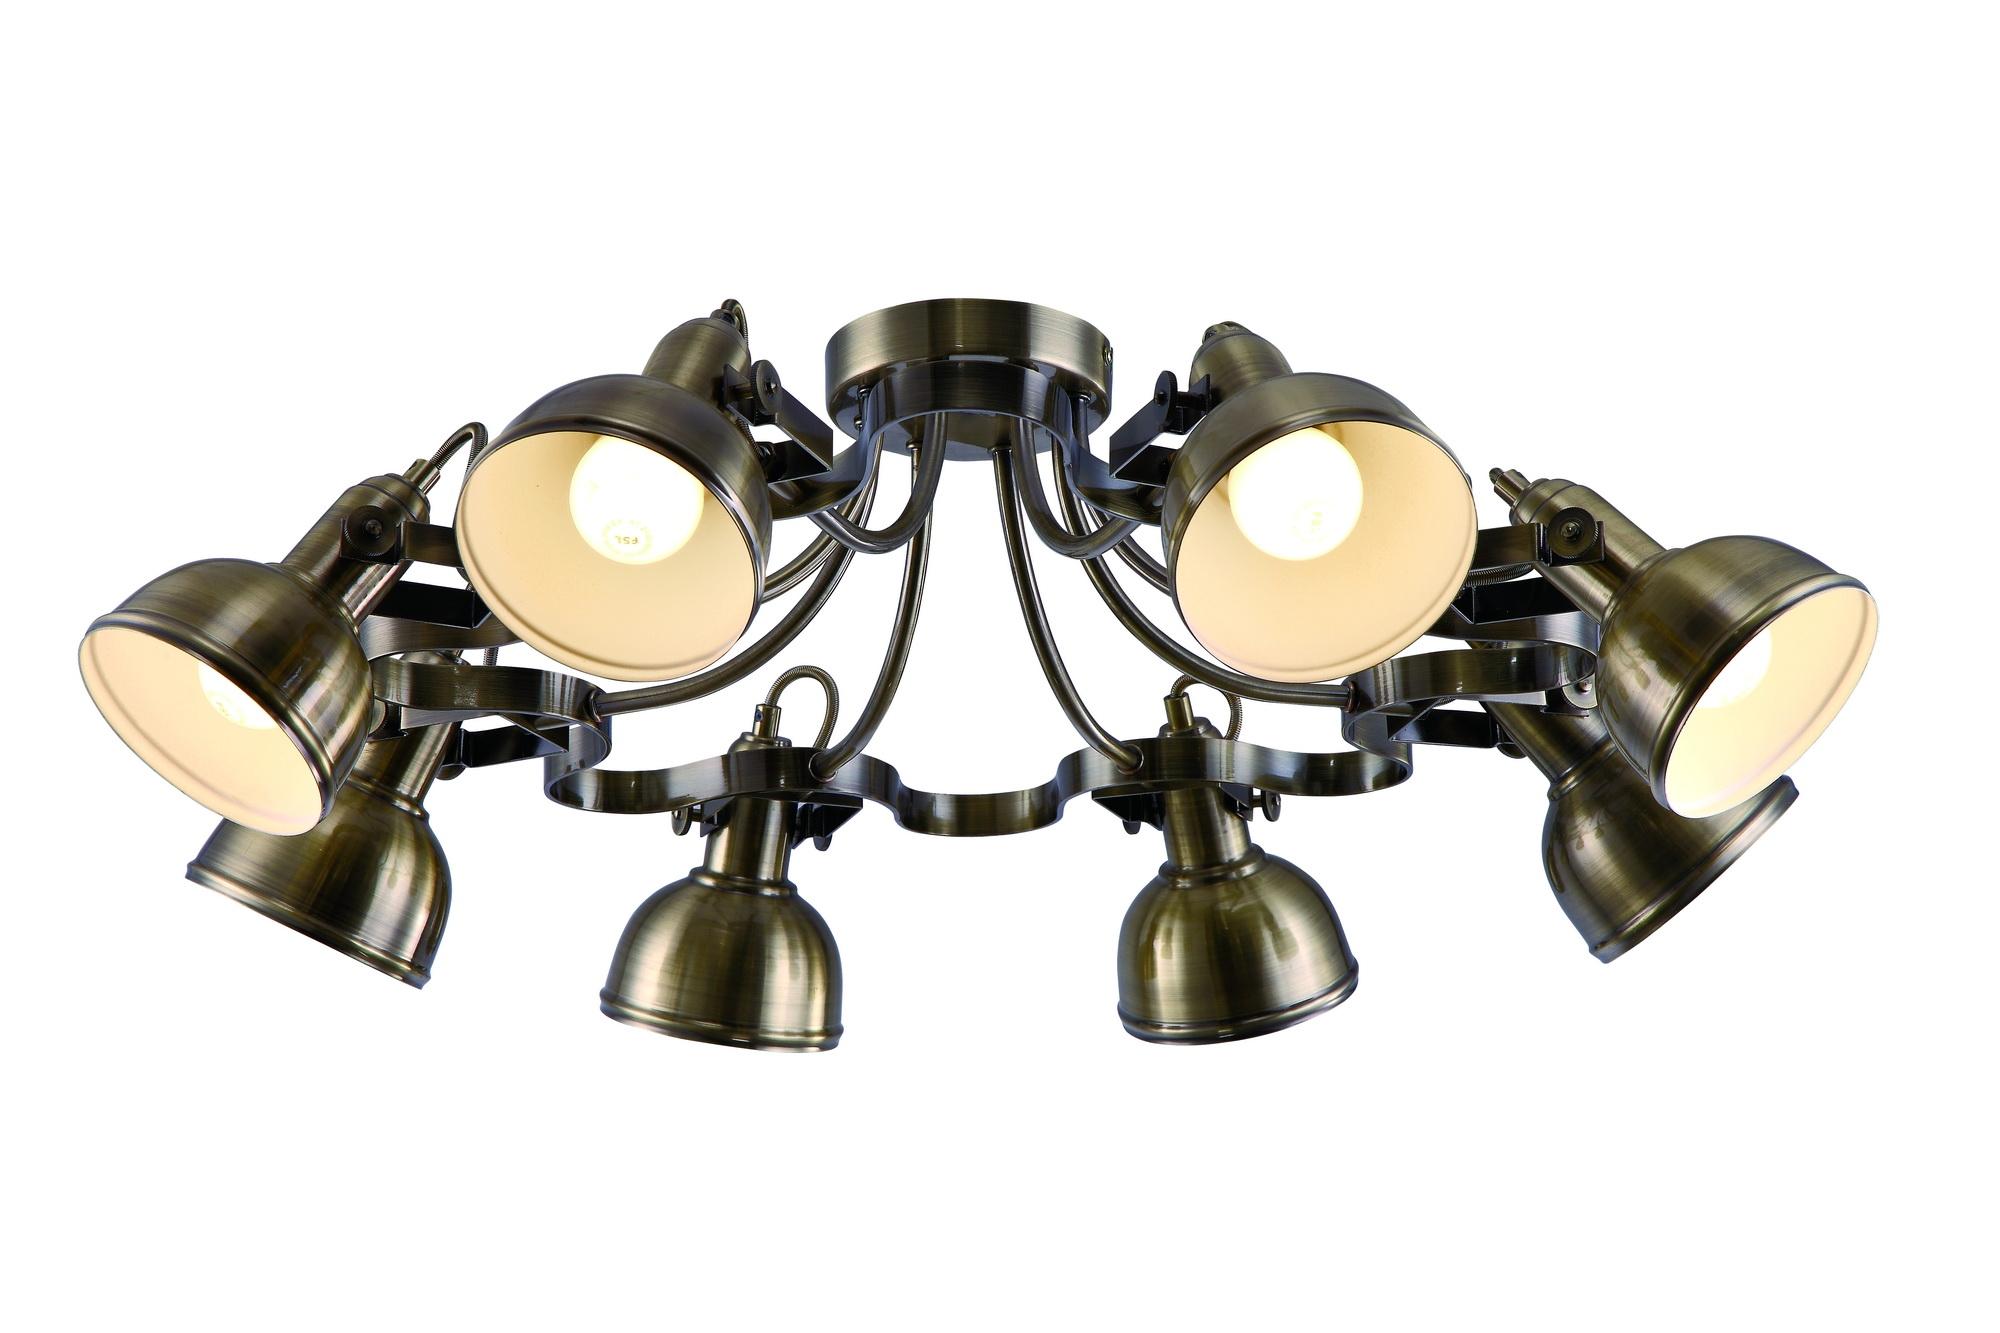 все цены на Люстра Arte lamp Martin a5216pl-8ab онлайн